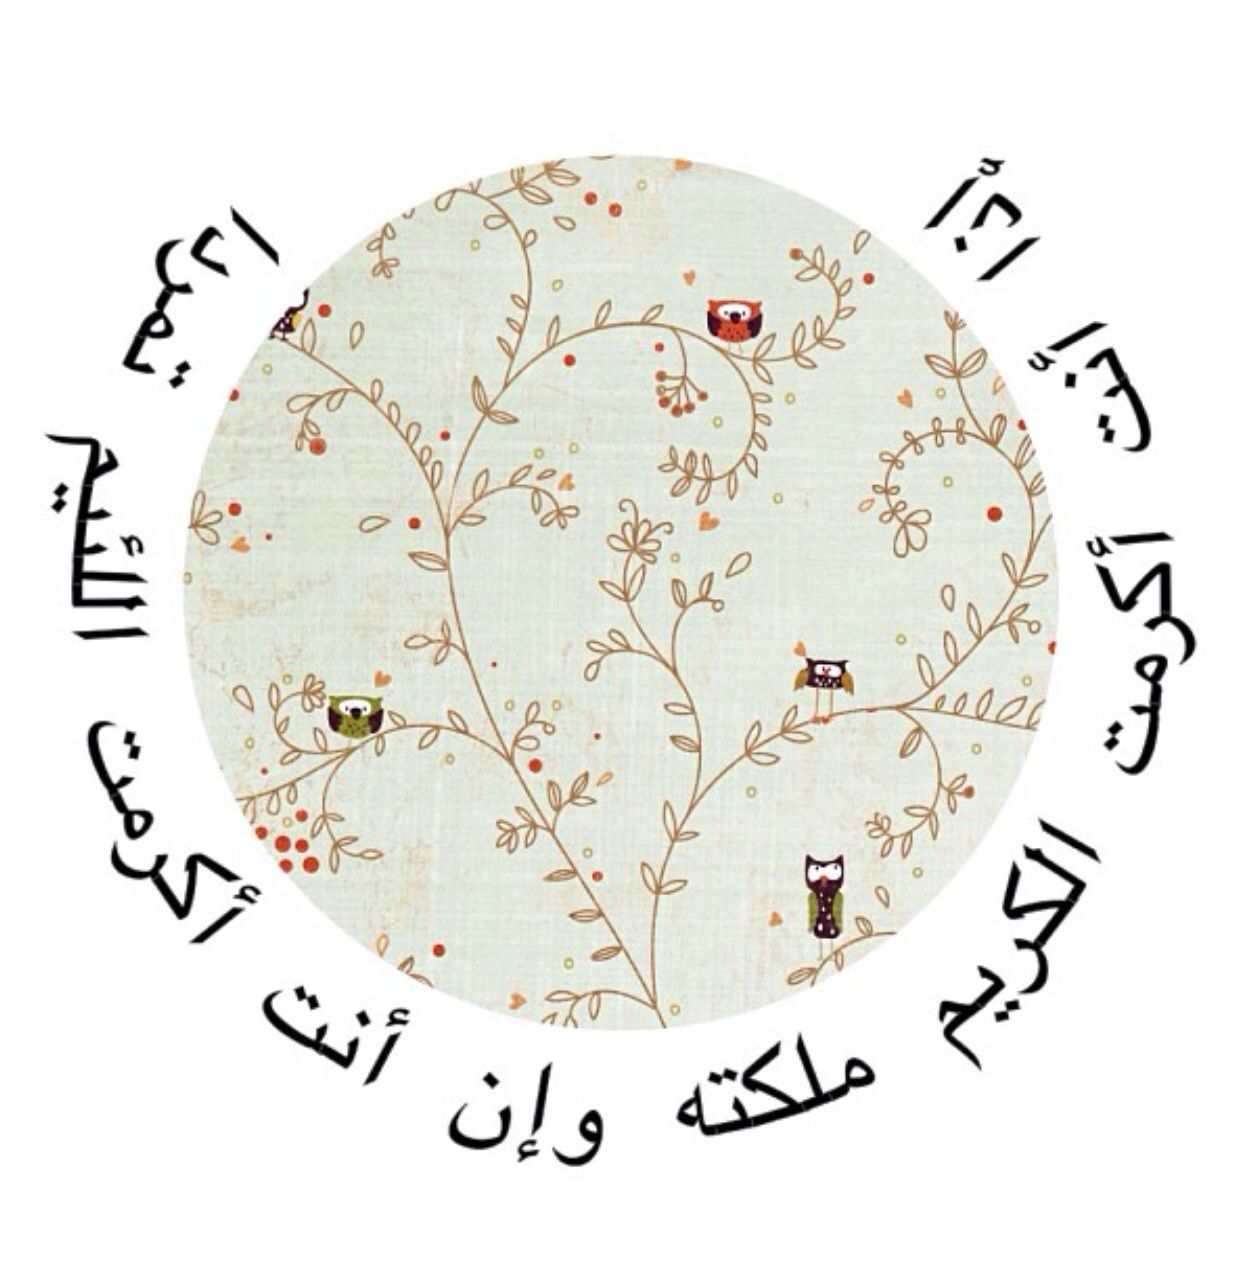 إذا أنت أكرمت الكريم ملكته وإن أنت أكرمت اللئيم تمر دا Arabic Quotes English Quotes Words